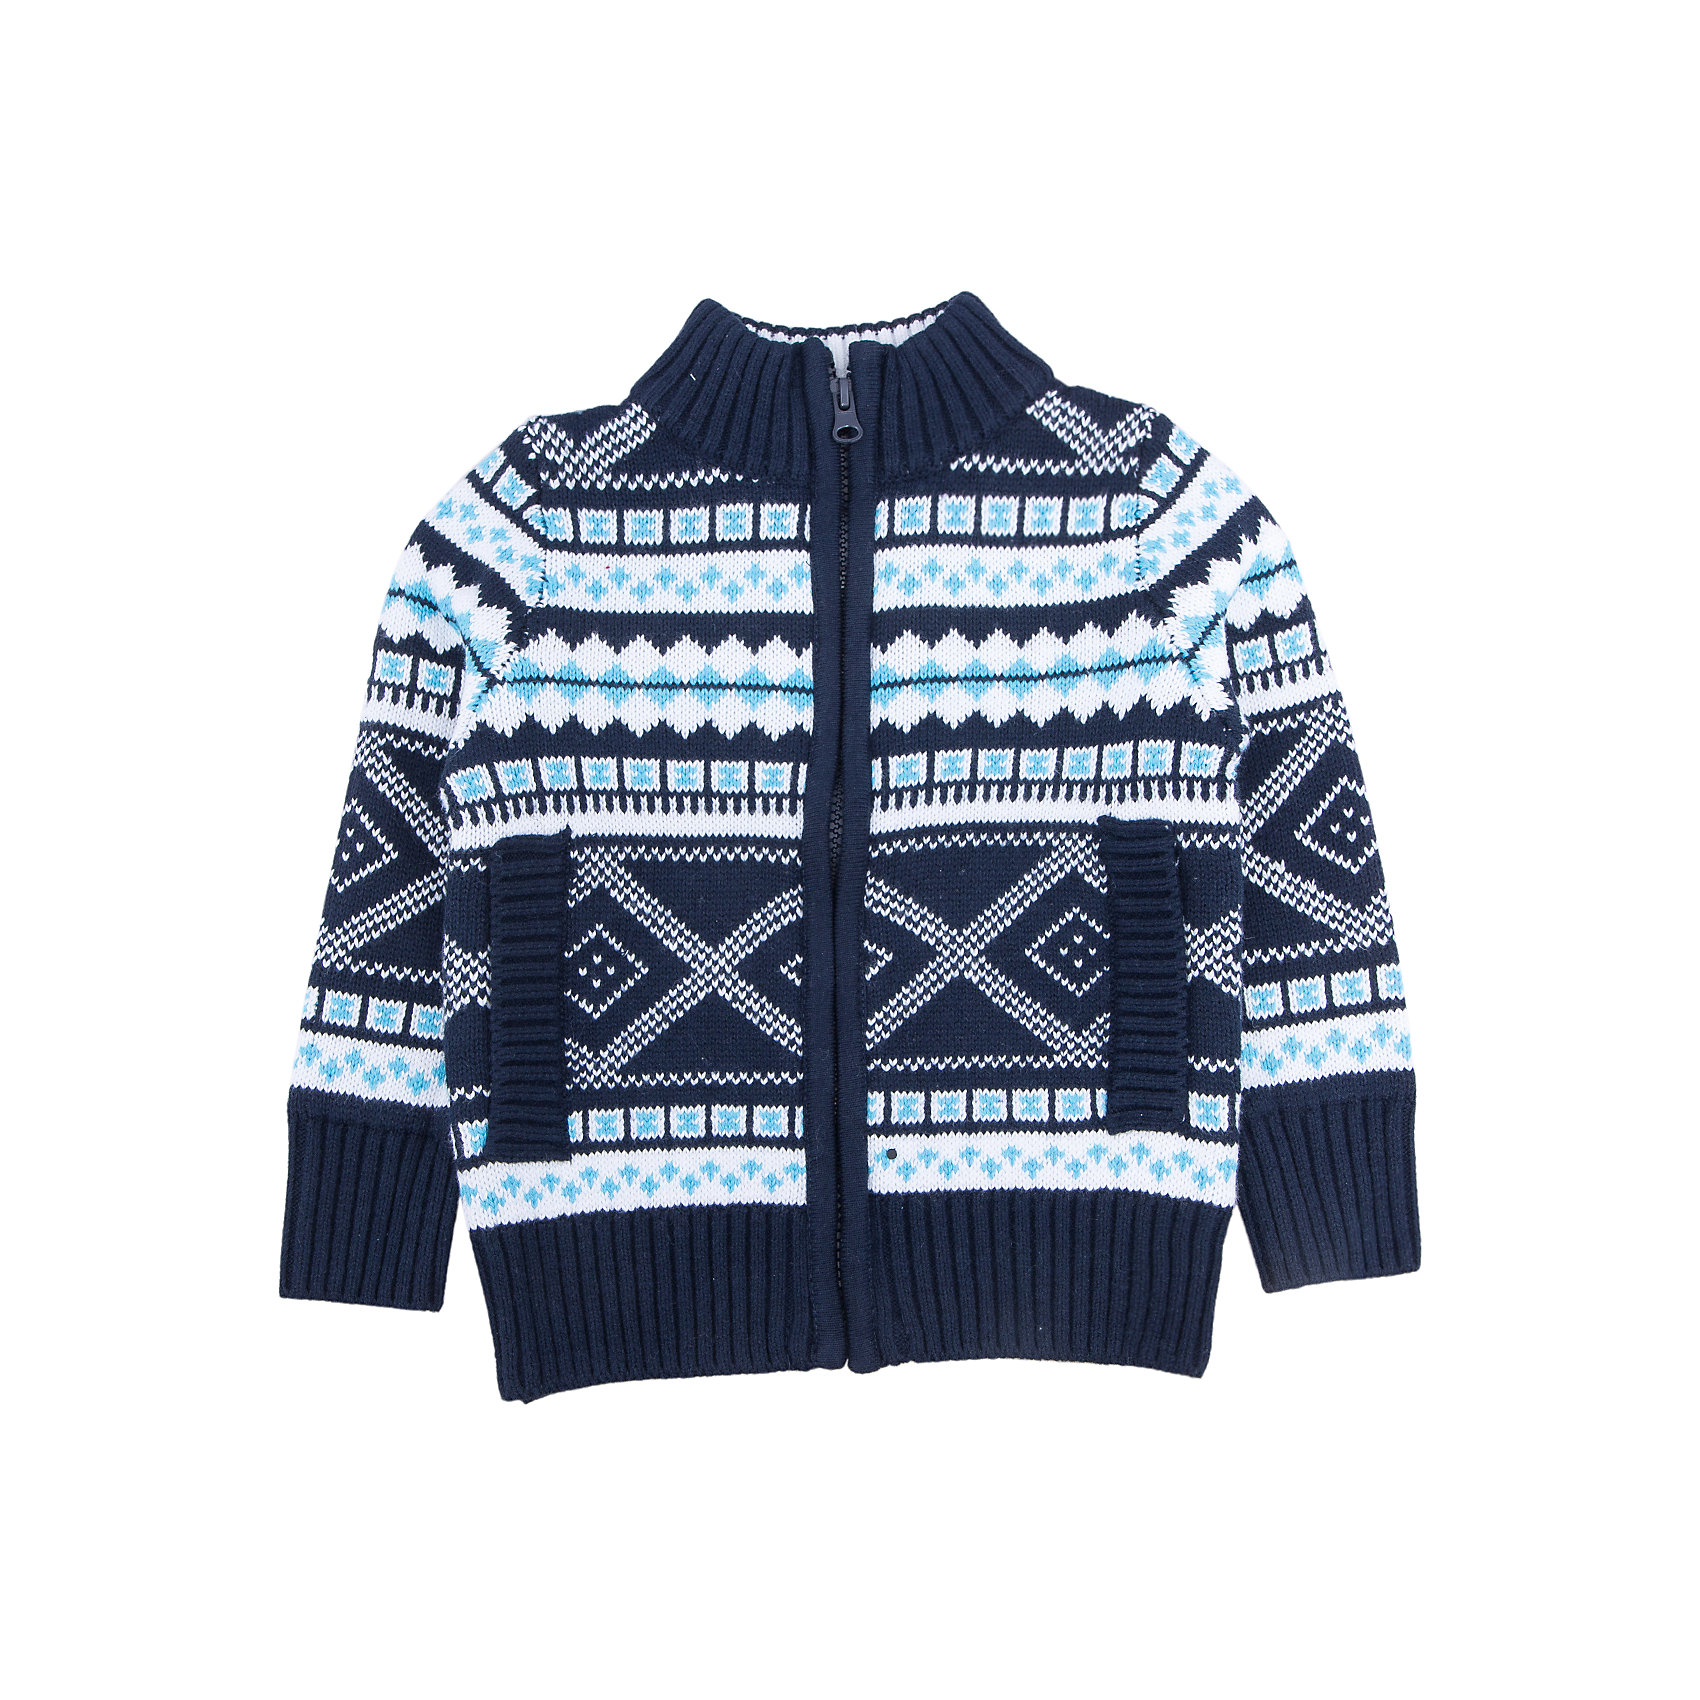 Жакет для мальчика SELAЖакет для мальчика SELA<br><br>Характеристики:<br><br>• Цвет синий.<br>• Рукав длинный.<br>• Силуэт прямой.<br>• Состав:57% хлопок, 28% акрил,15%полиэстер.<br><br><br>Жакет для мальчика от признанного лидера по созданию коллекций одежды в стиле casual - SELA. Мягкий, уютный жакет из вязаного трикотажа синего цвета украшен геометрическим узором бело-голубого цвета. Воротник и манжеты выполнены из мягкой вязаной резинки. Застегивается жакет на застежку молнию. Натуральный хлопок в составе изделия делает его дышащим, приятным на ощупь и гипоаллергенным. В таком жакете ваш мальчик будет чувствовать себя комфортно и уютно!<br><br>Жакет для мальчика SELA, можно купить в нашем интернет - магазине.<br><br>Ширина мм: 190<br>Глубина мм: 74<br>Высота мм: 229<br>Вес г: 236<br>Цвет: синий<br>Возраст от месяцев: 18<br>Возраст до месяцев: 24<br>Пол: Мужской<br>Возраст: Детский<br>Размер: 92,116,110,104,98<br>SKU: 5020109